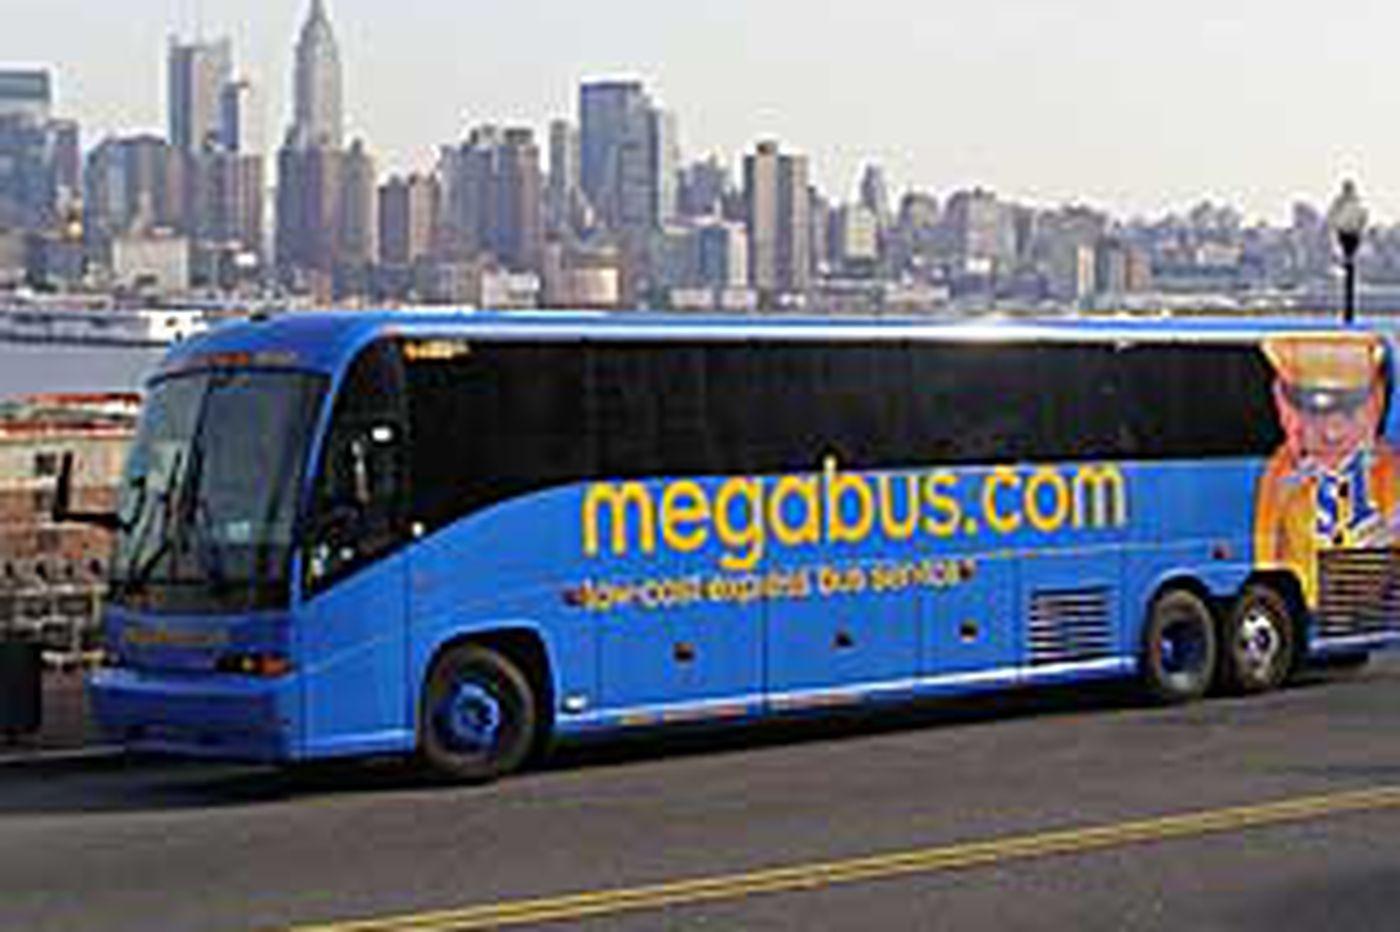 Low-cost service between Philadelphia, New York